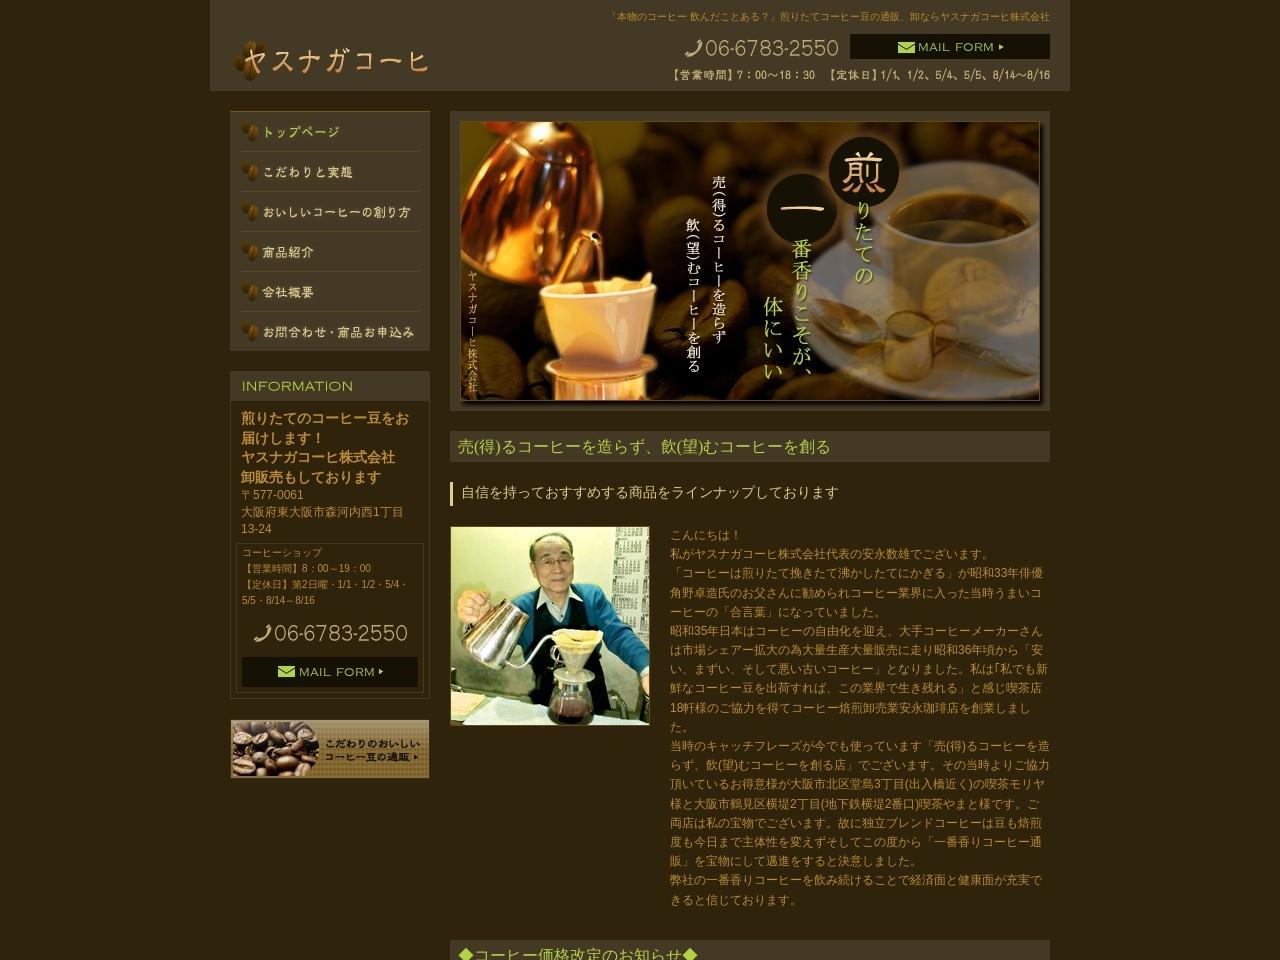 ヤスナガコーヒ株式会社